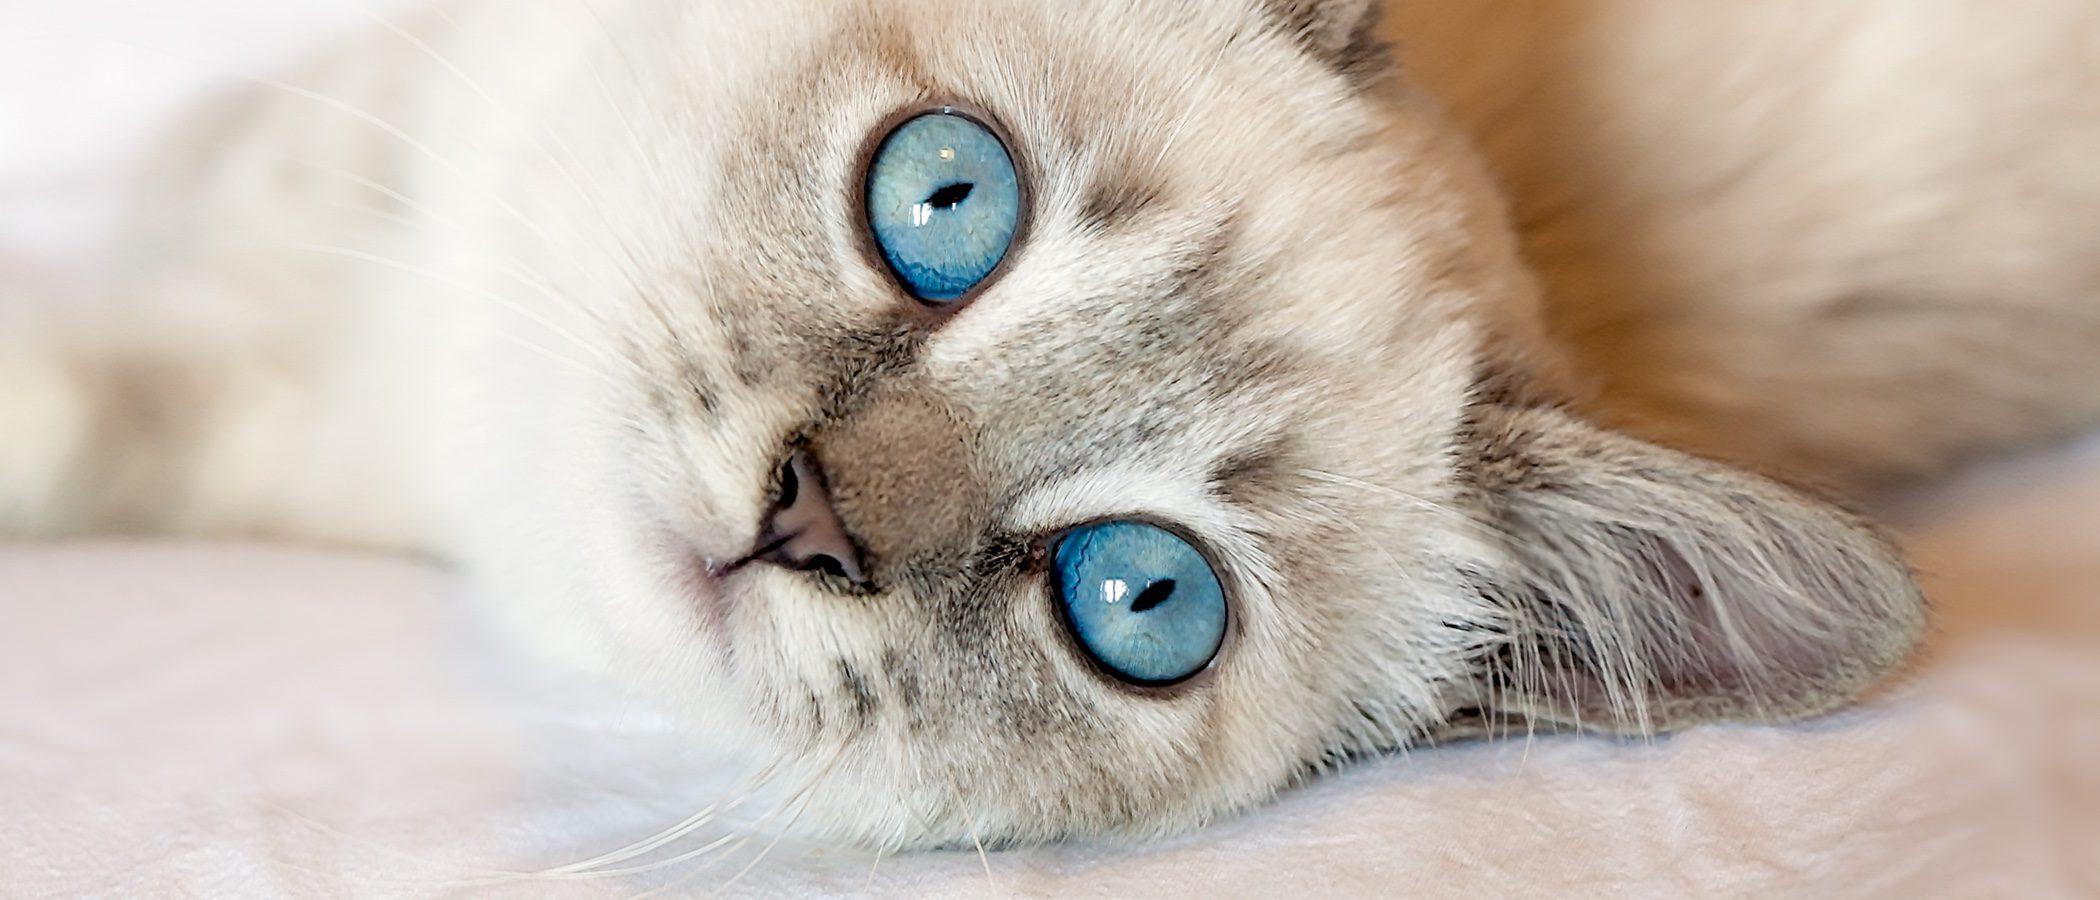 Cómo detectar si mi gato tiene problemas de visión